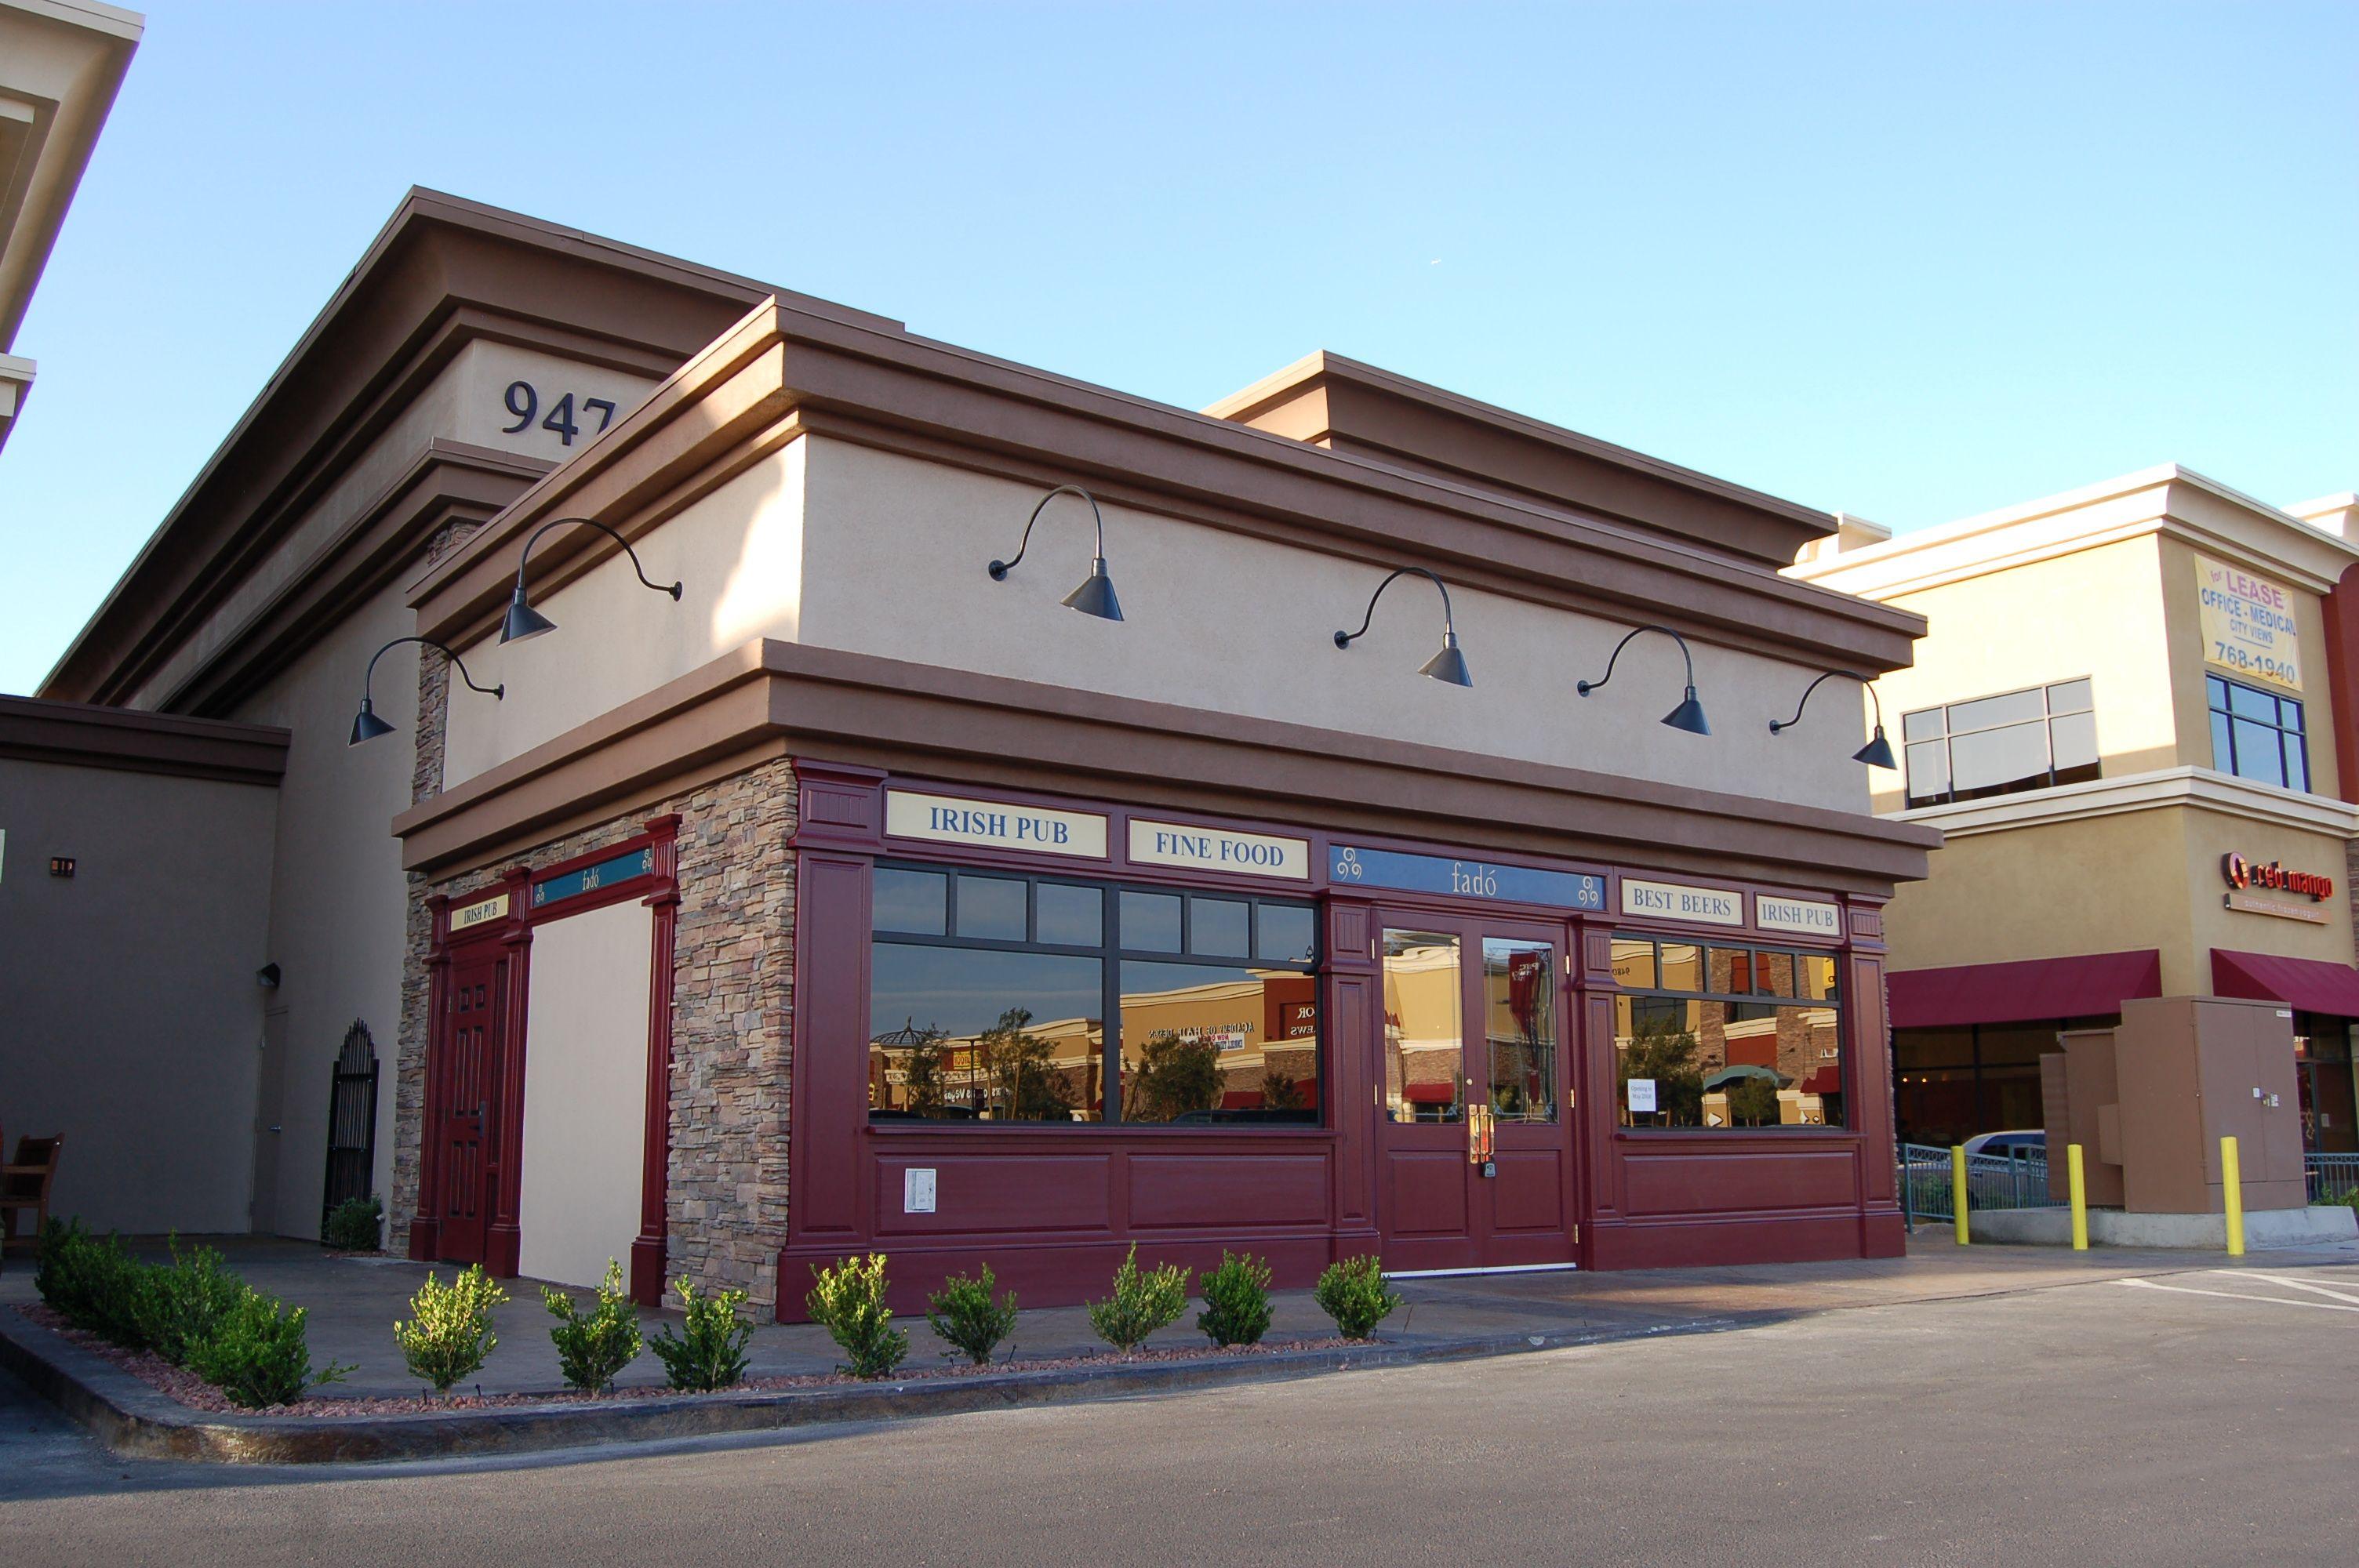 Restaurant exterior architecture - Exterior